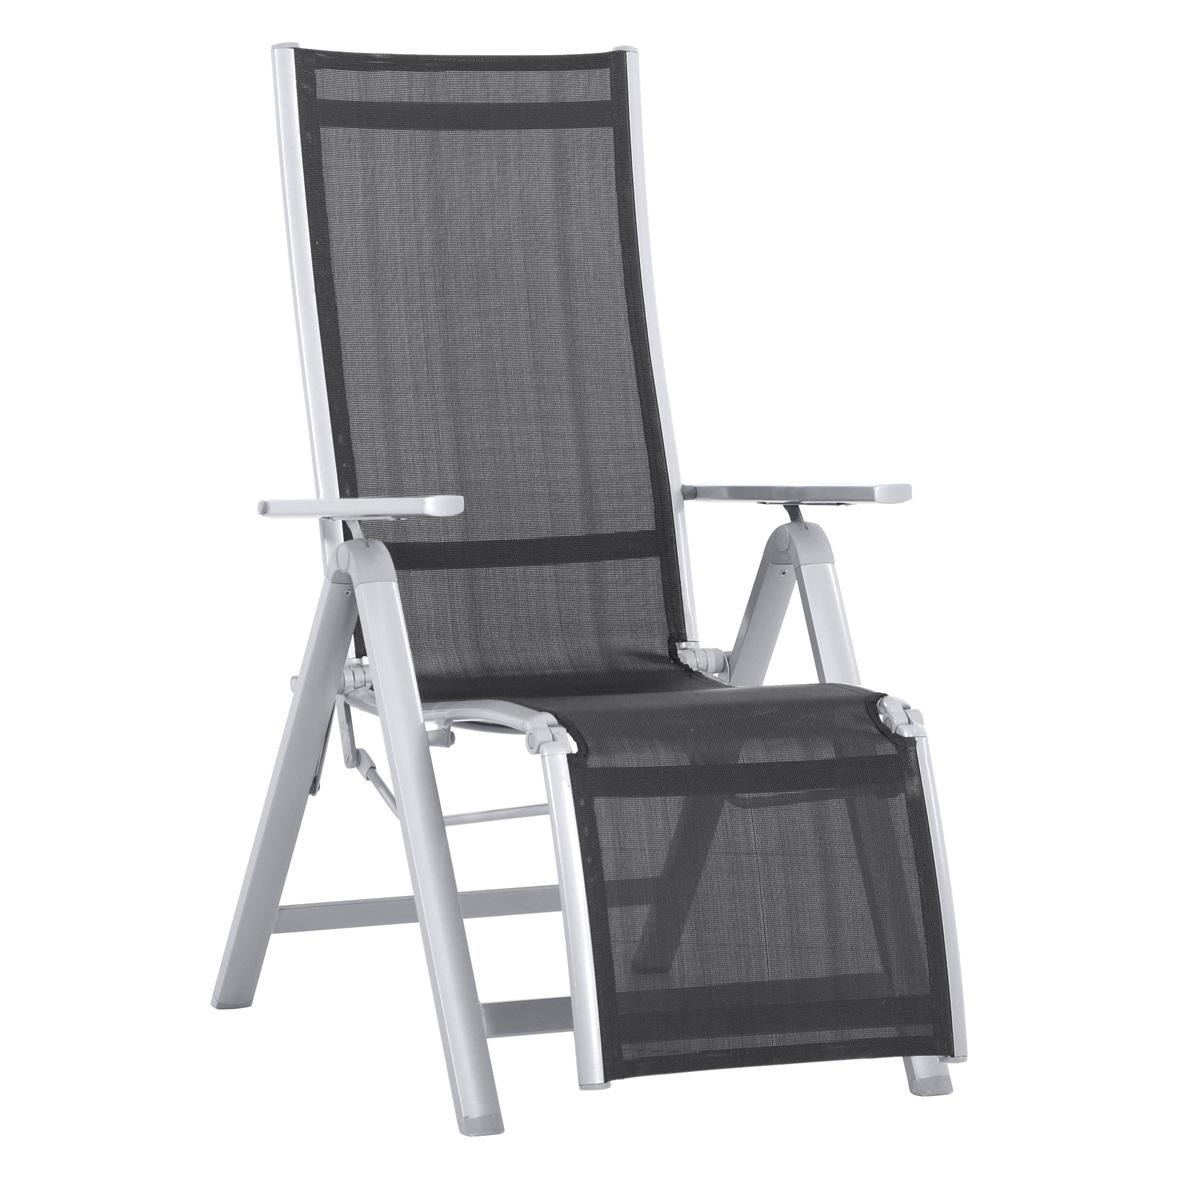 hliníkové relaxační polohovatelné křeslo 112 x 76 x 60 cm Creador Evan LUX Comfort